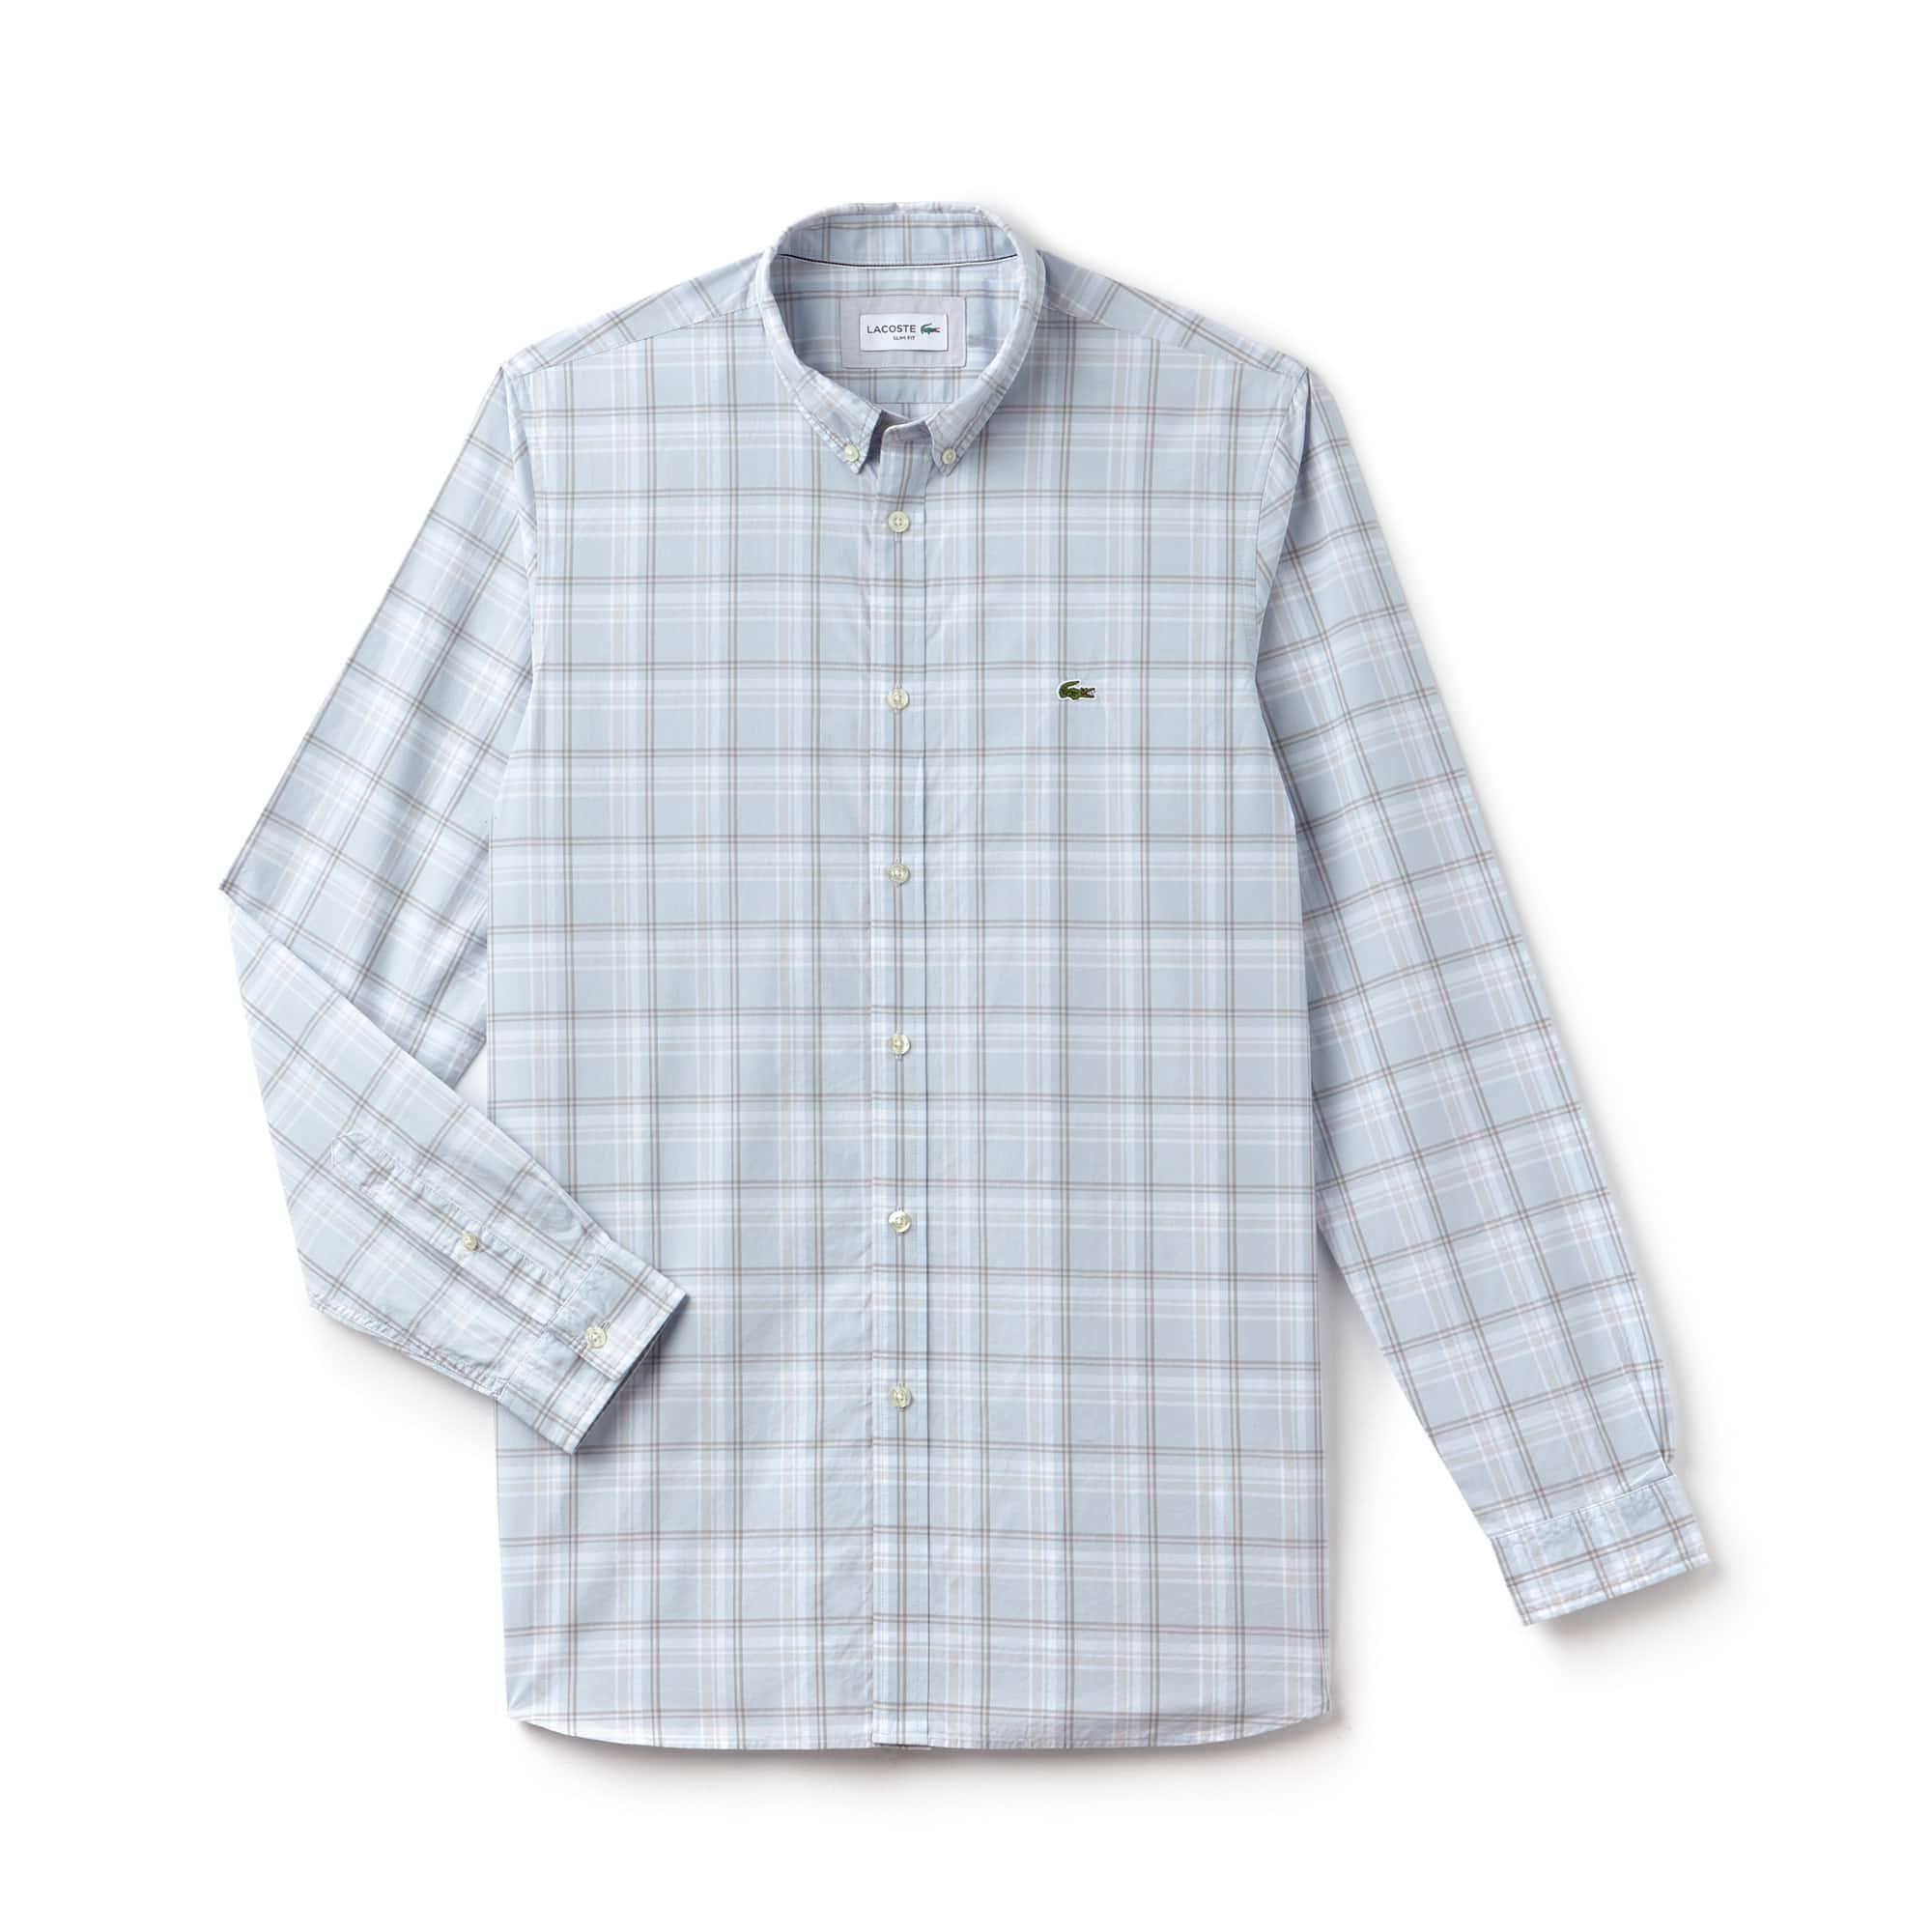 Slim Fit Herren-Hemd aus karierter Baumwoll-Popeline